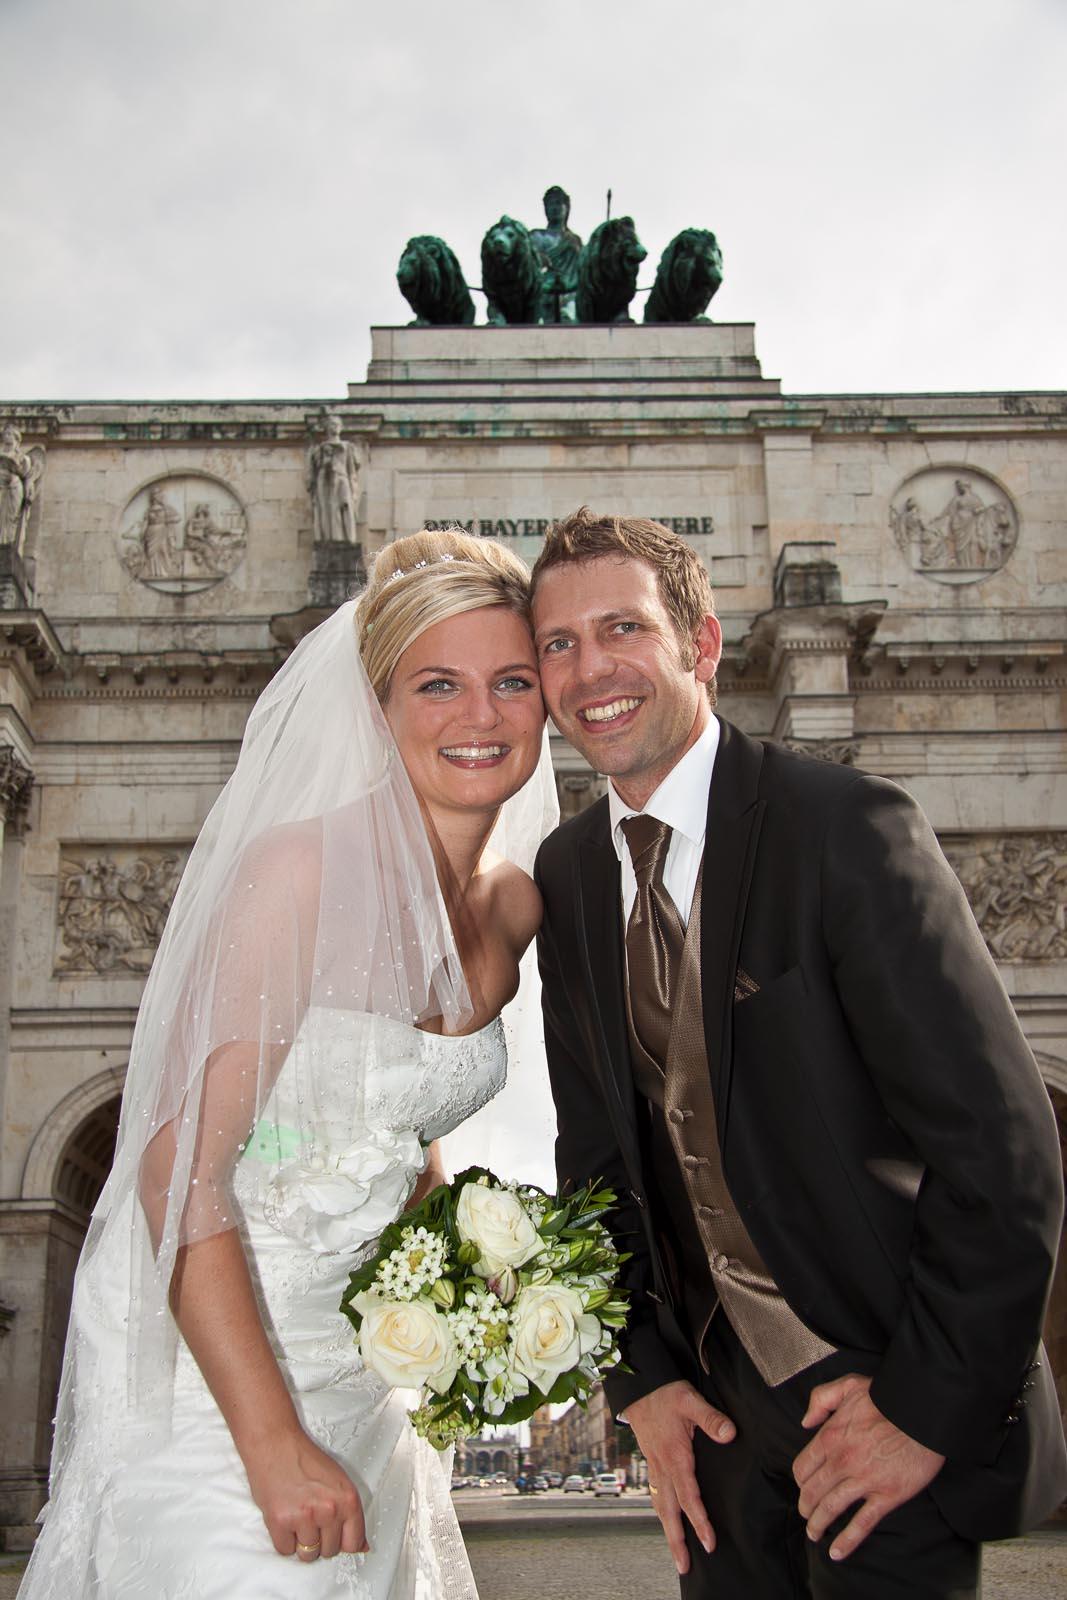 Hochzeitsportraits-Bindl-Hochzeitsportraits-Bindl-8674.jpg